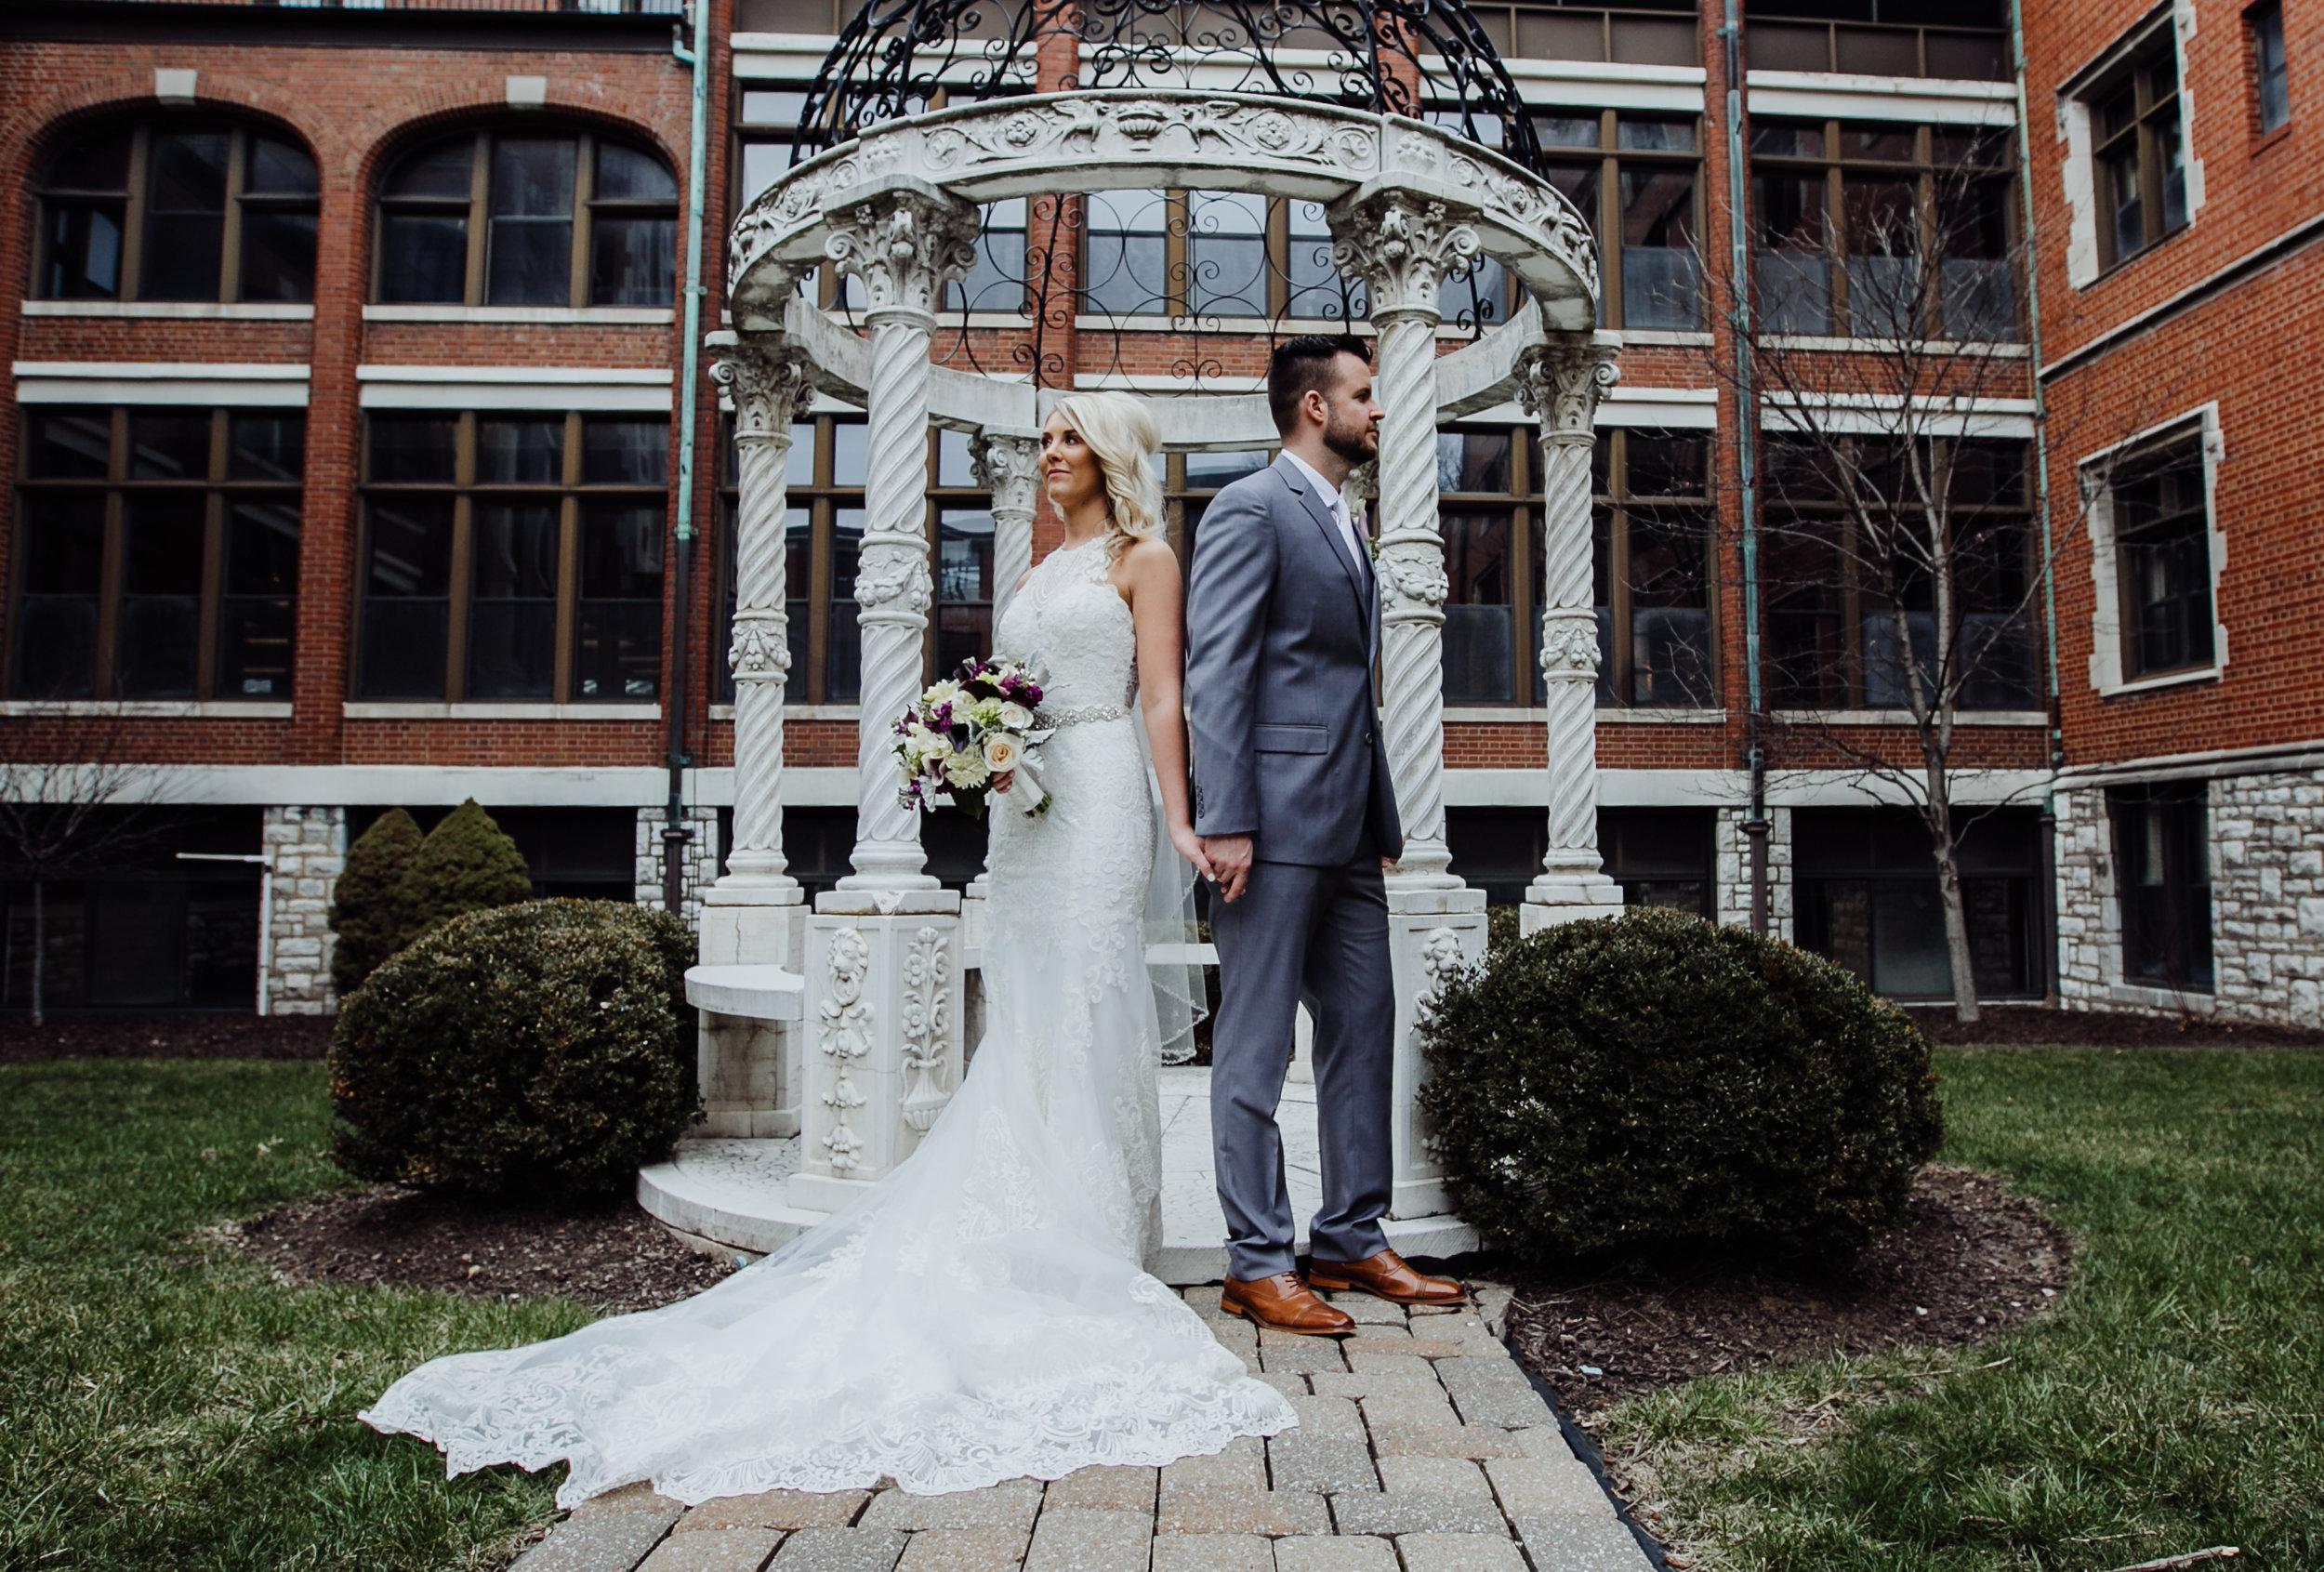 Bethmann_Wedding-1-3.jpg